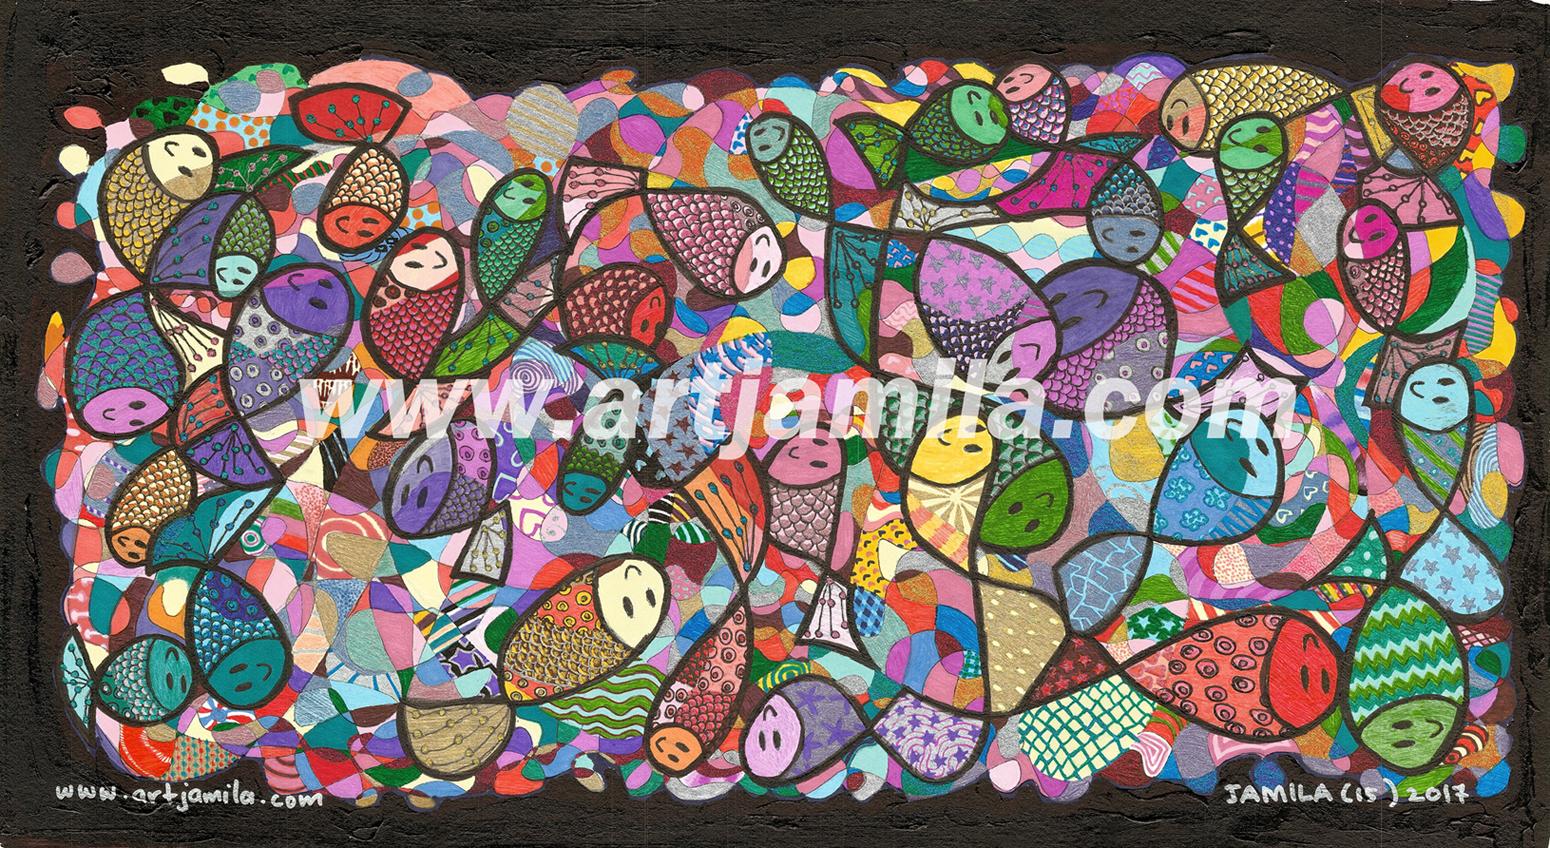 Fish Mosaic Series 6